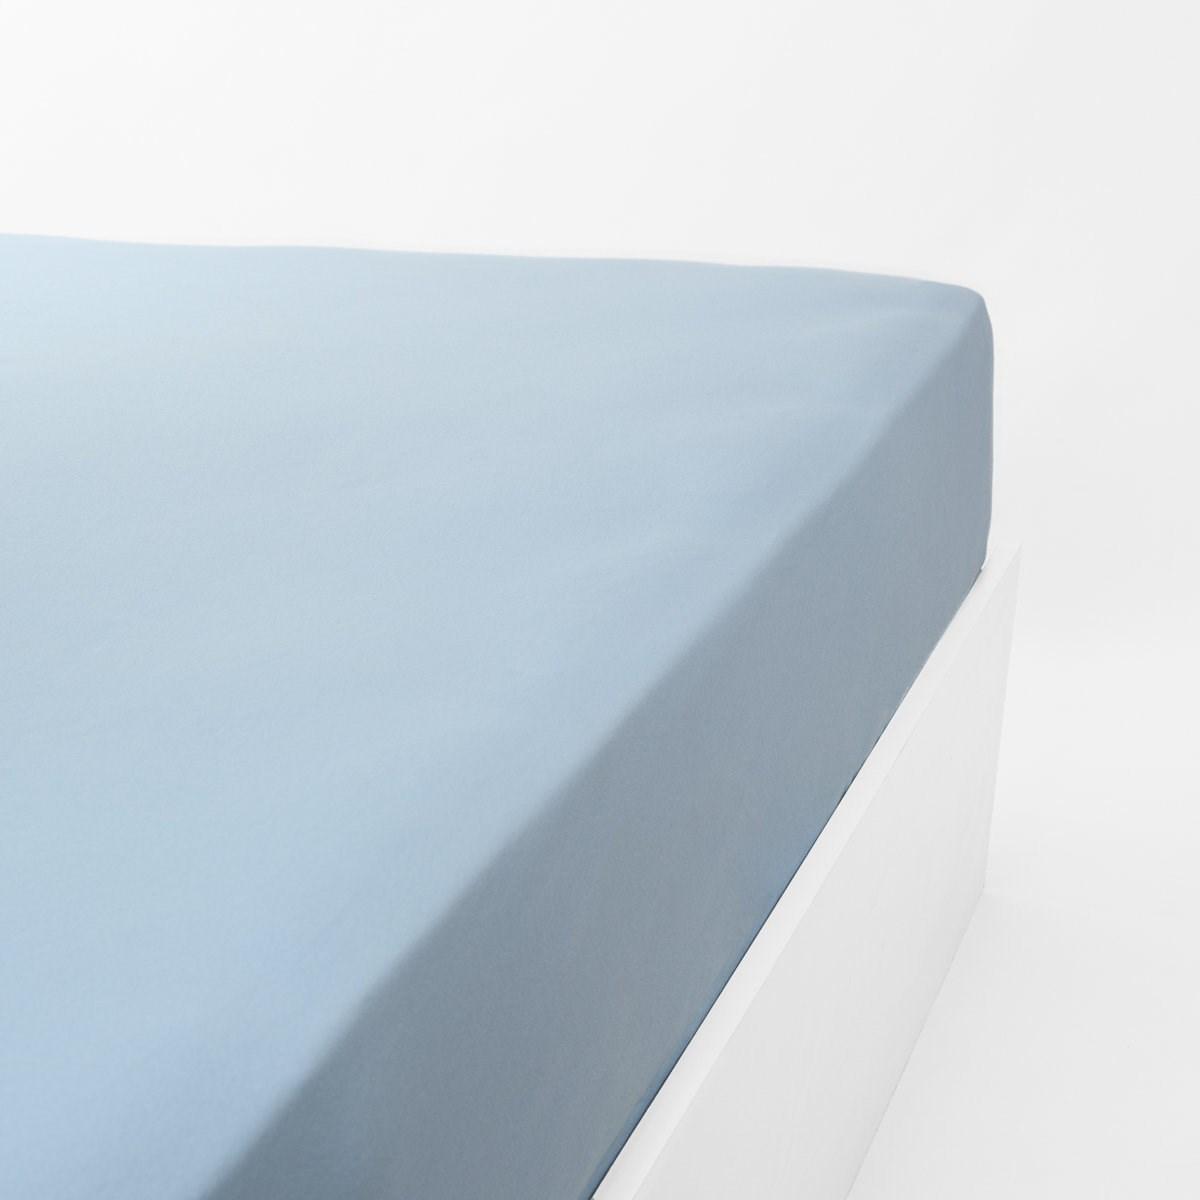 Drap housse jersey extensible en coton bleu clair 120x200 cm